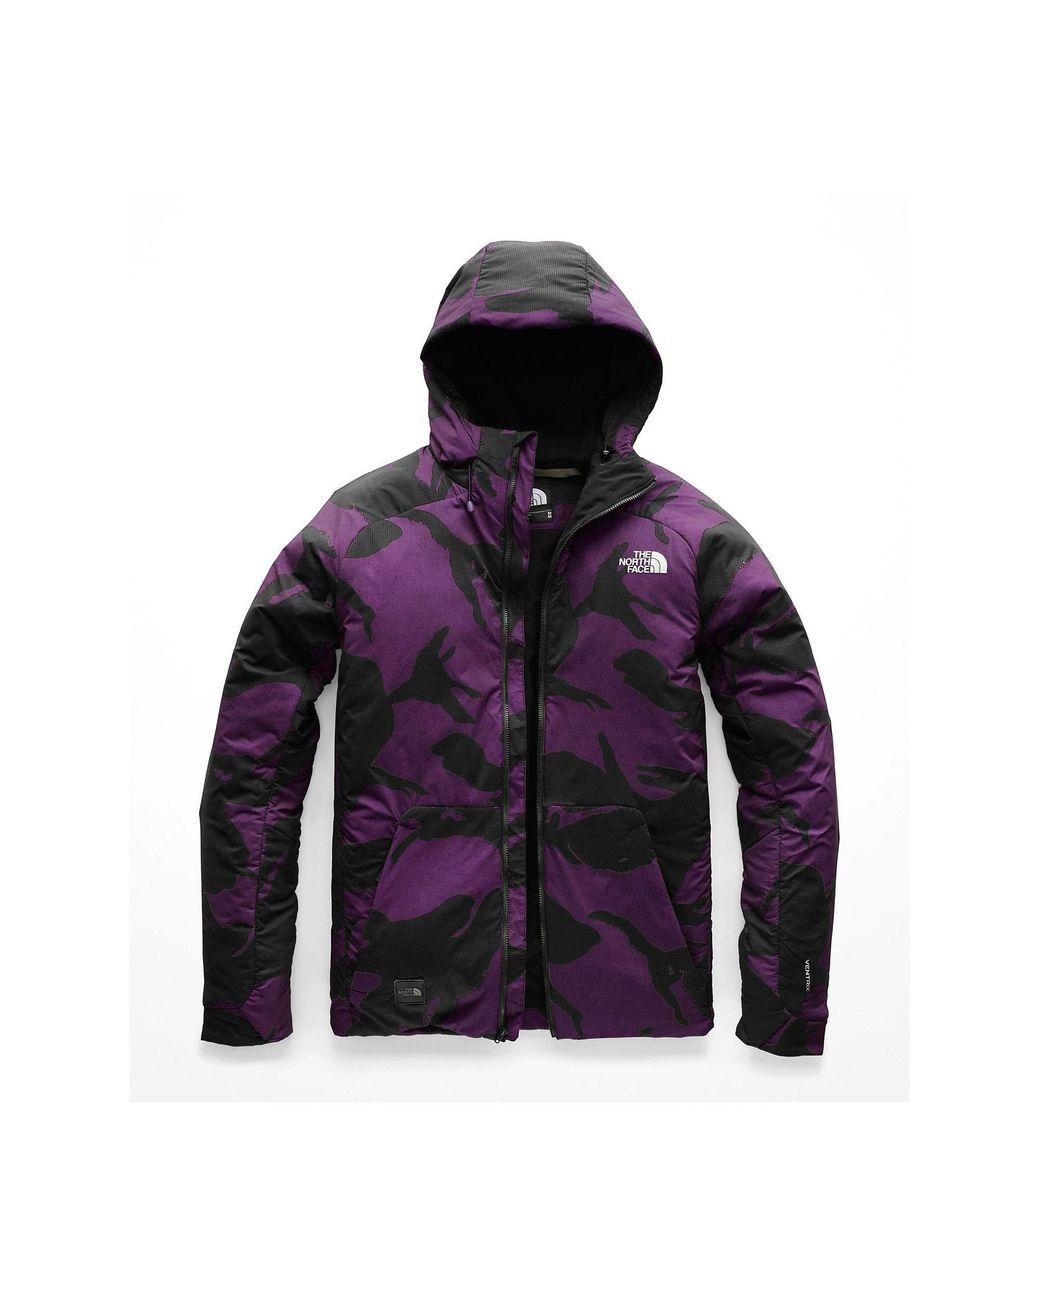 162634383 Men's Purple Lodgefather Ventrix Jacket